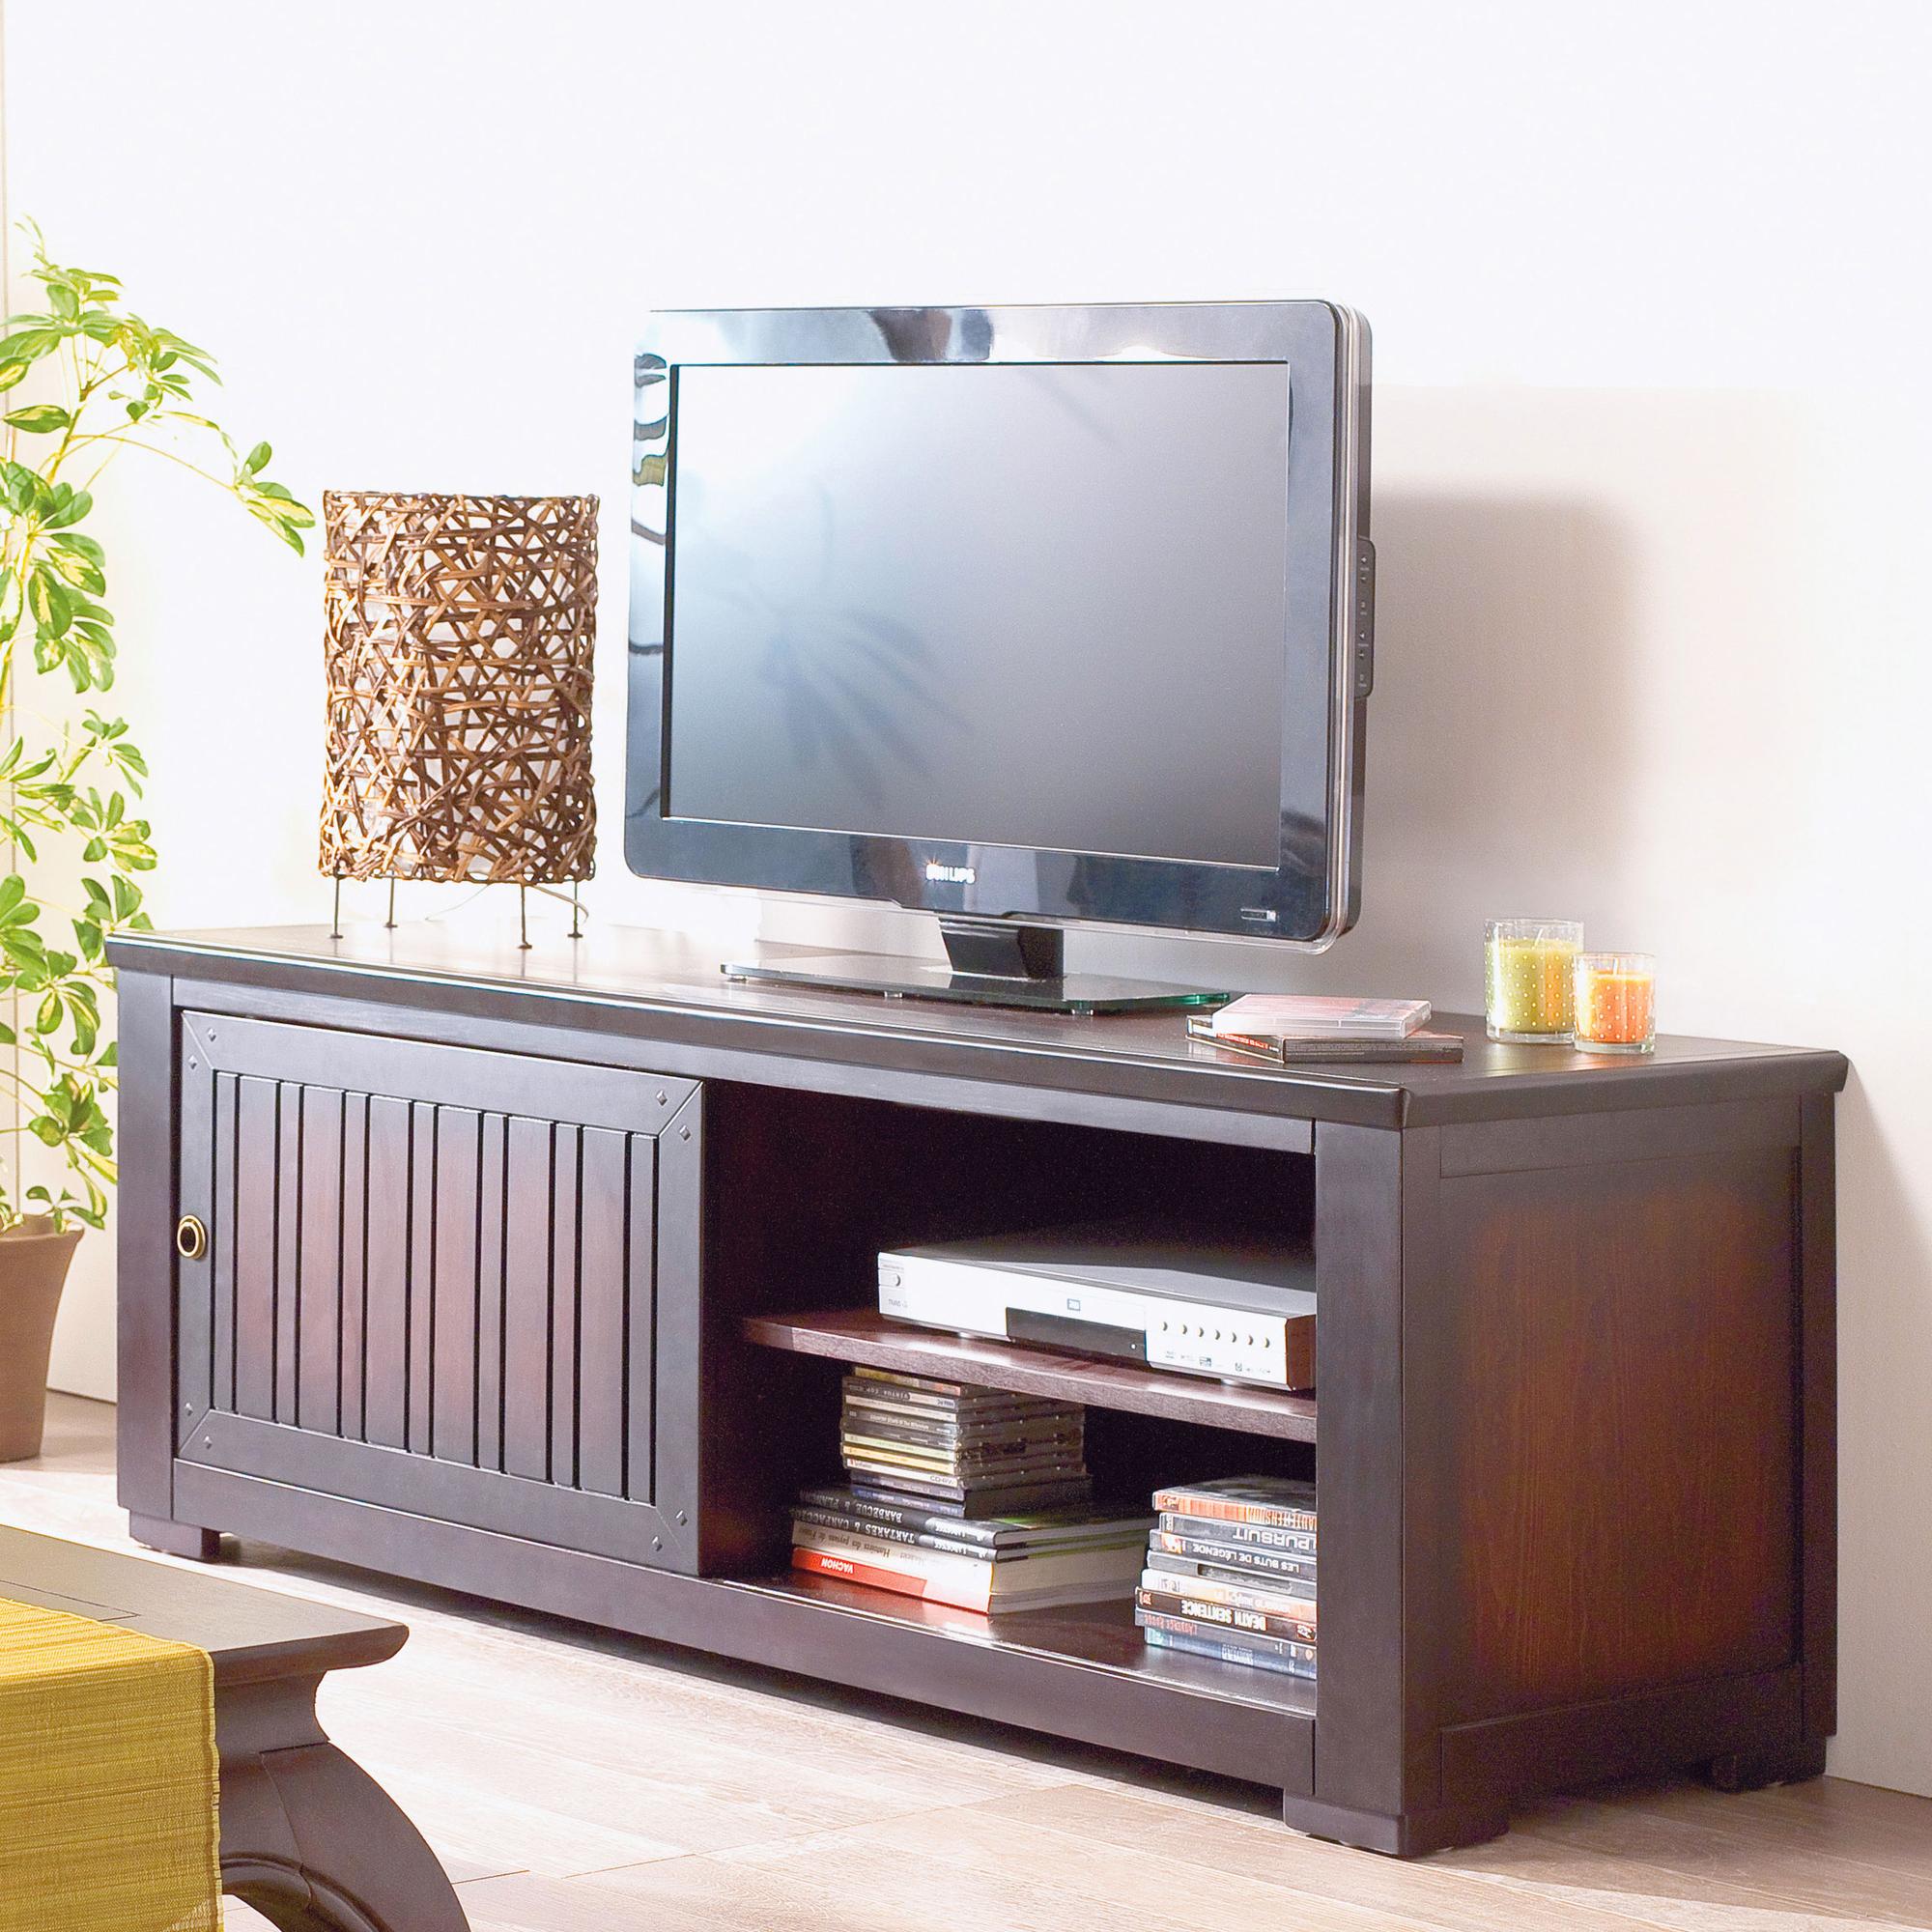 Meuble Tv 1 Porte Zanzibar Anniversaire 40 Ans Acheter Ce  # Meuble Tv De La Maison